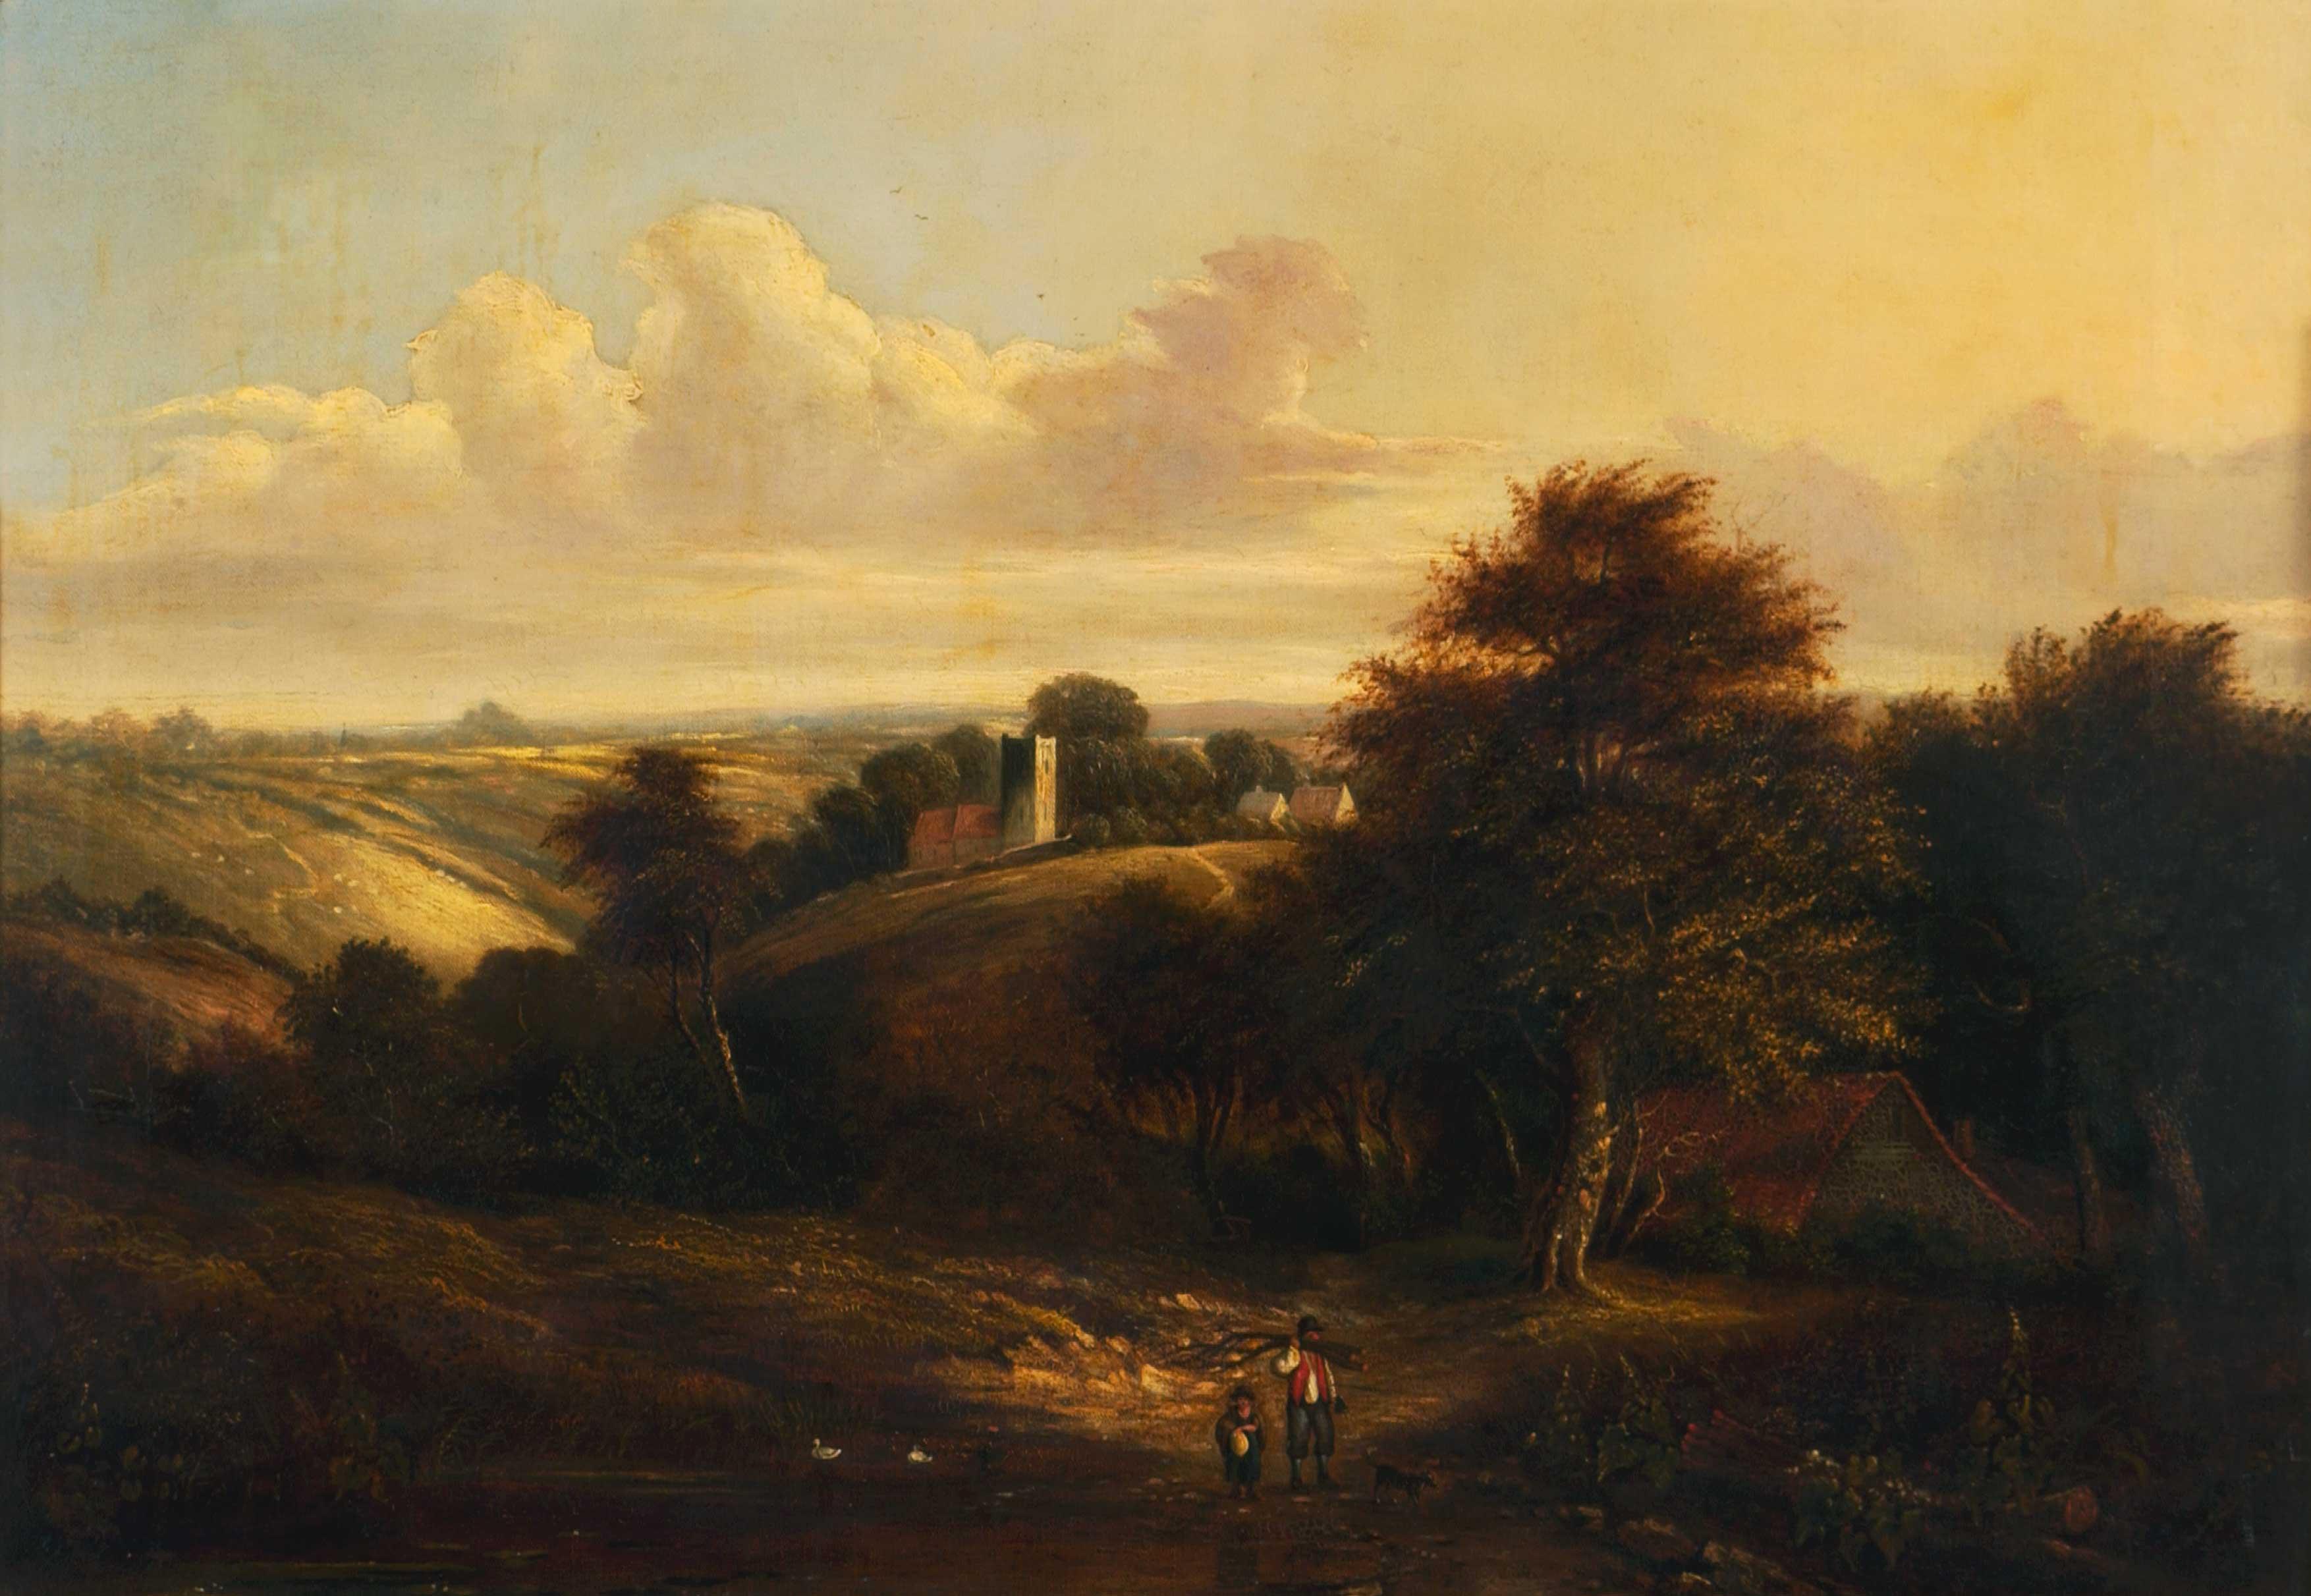 View of Freshfield near Bath